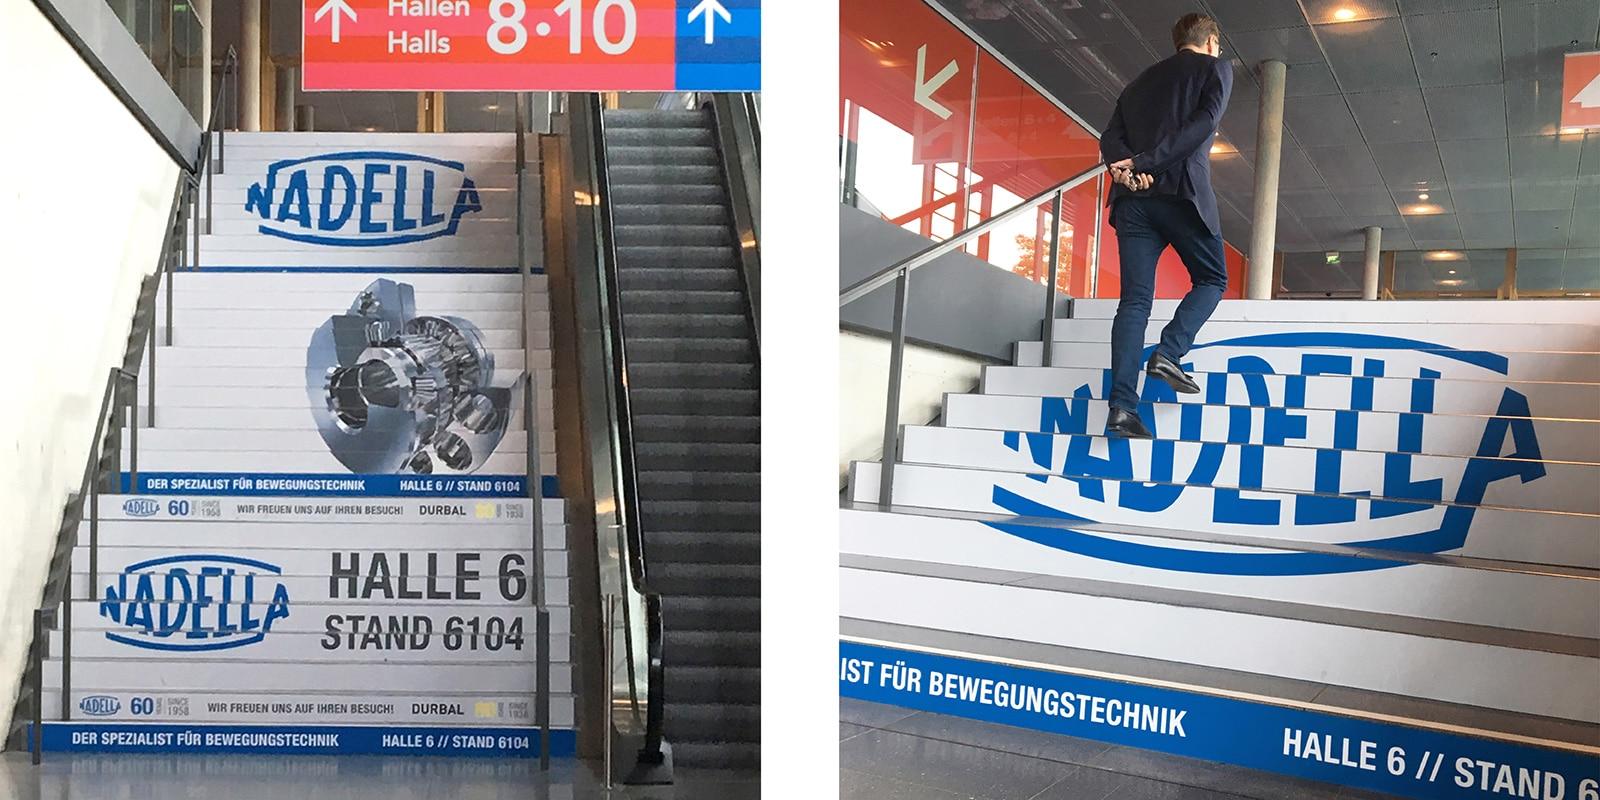 Nadella Motek 2018 – Messe-Treppengestaltung